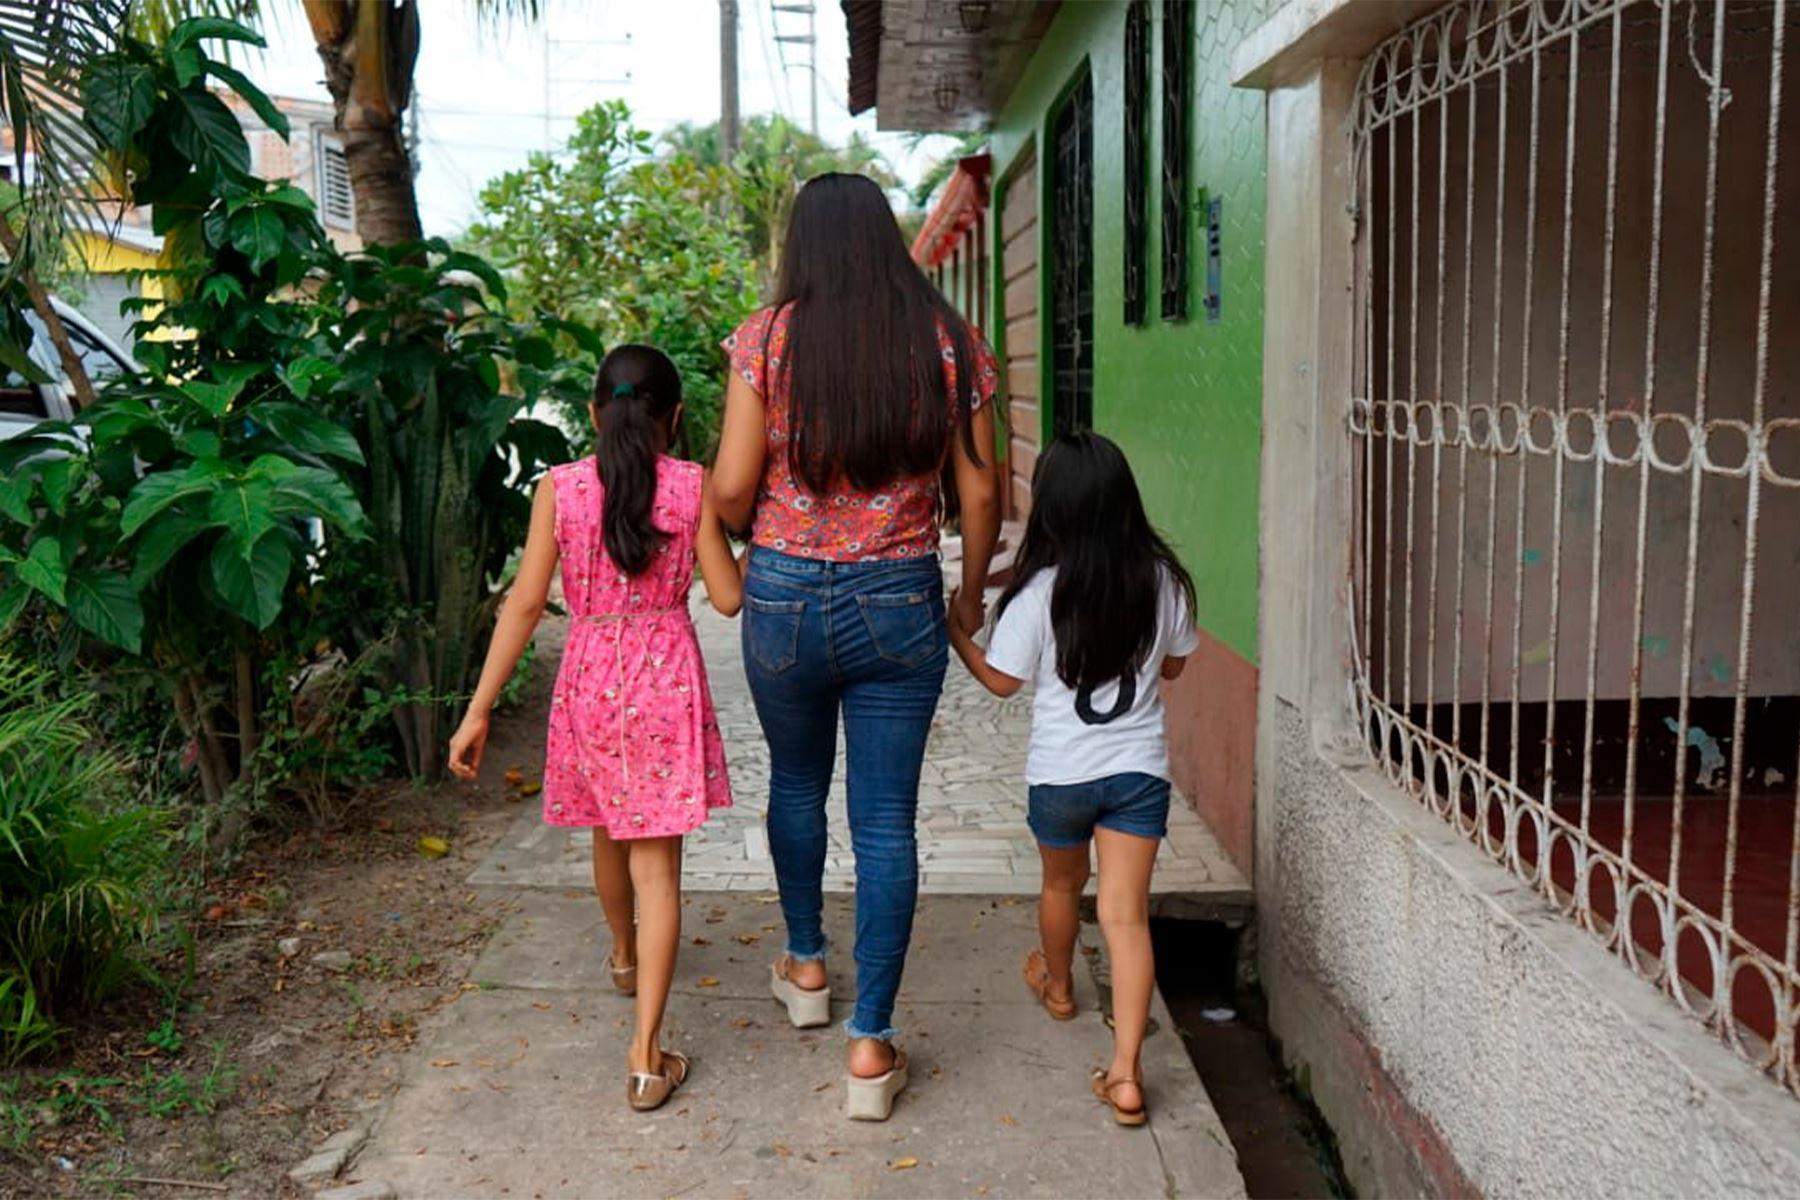 Entre marzo y octubre del 2020, 879 niñas, niños y adolescentes han sido dirigidos a un entorno familiar seguro. Es decir, viven con familias extensas de sangre, y si esto no es posible son acogidos en una familia que, sin tener ningún vínculo con ellos, los reciben en el seno de su hogar. Foto: ANDINA/Difusión